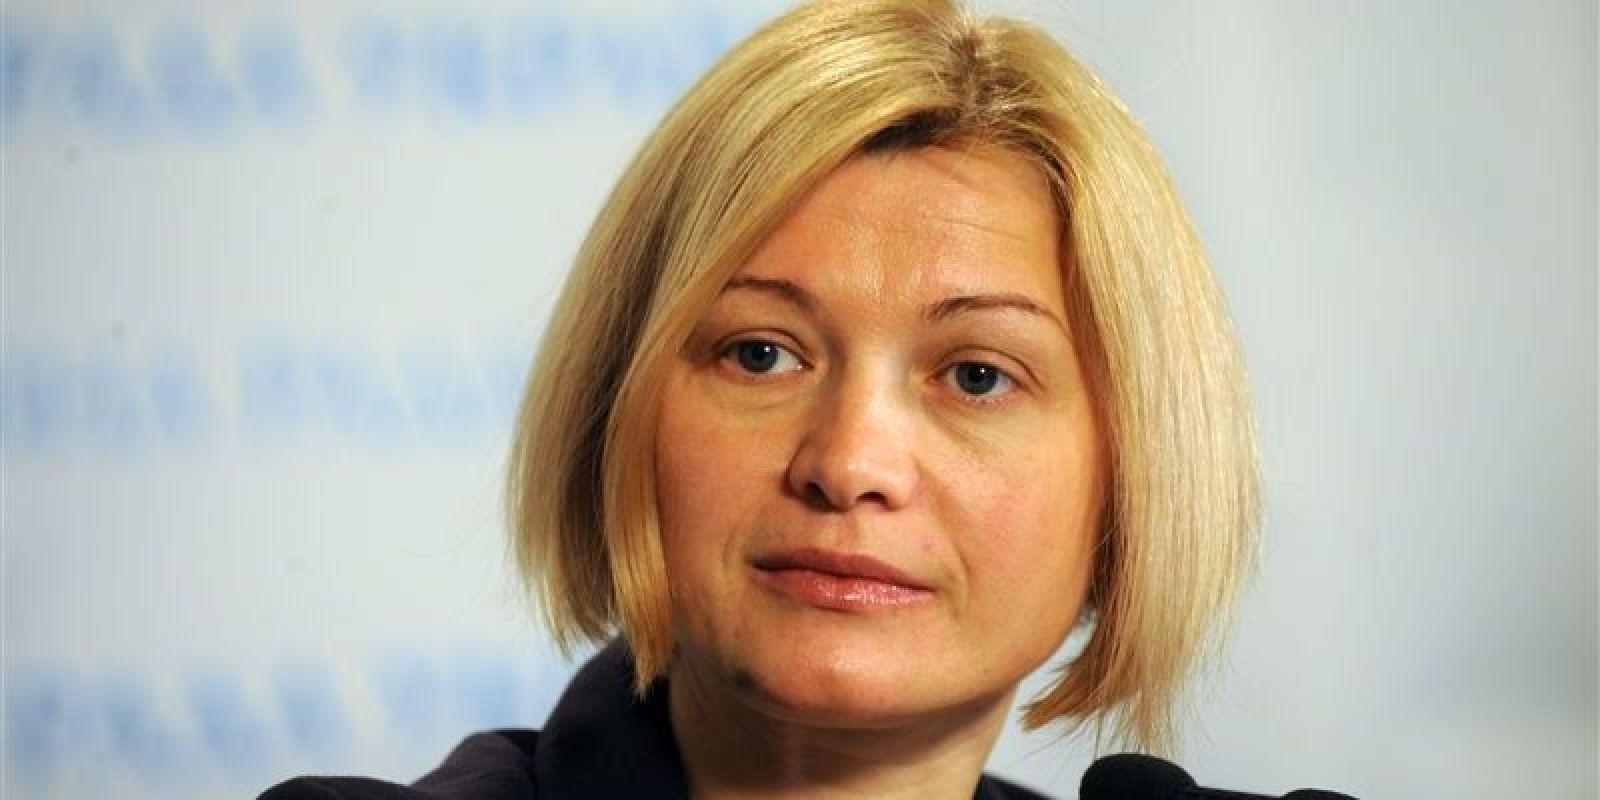 Геращенко упрекнула ОБСЕ за отсутствие реакции на недоступность украинского ТВ в РФ